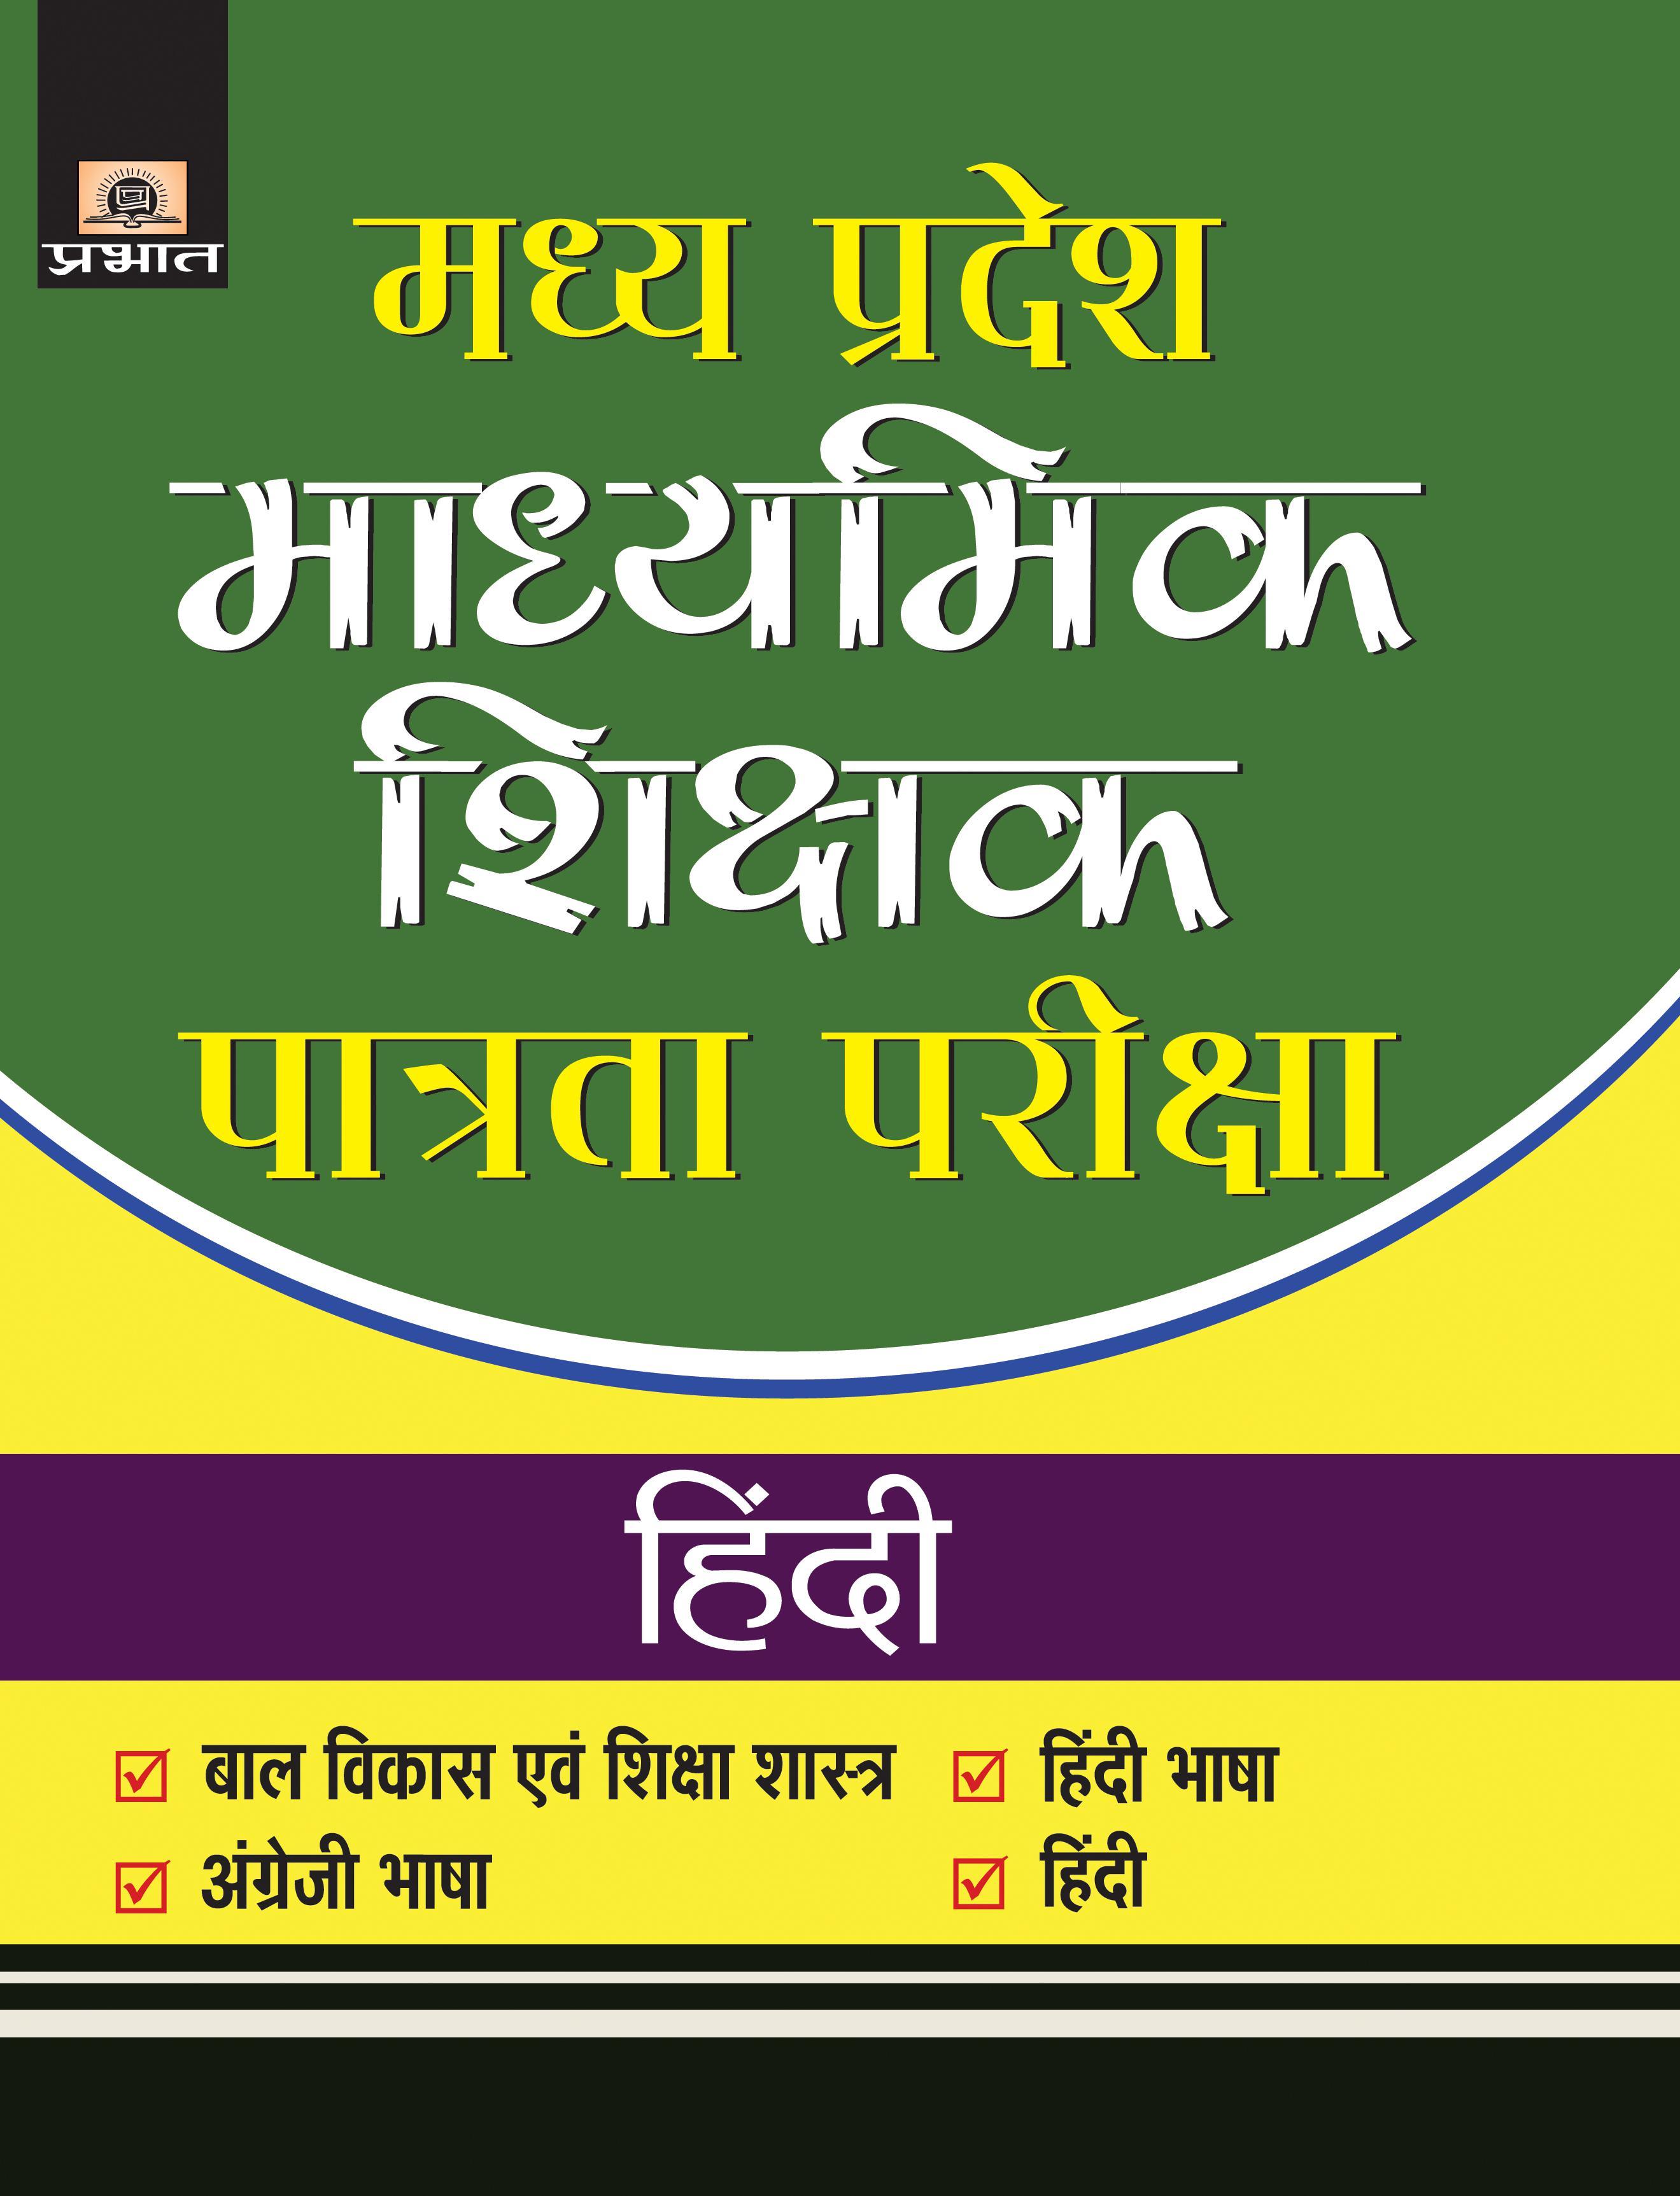 Madhya Pradesh Madhyamik Shikshak Patrata Pariksha-2018 Hindi (PB)